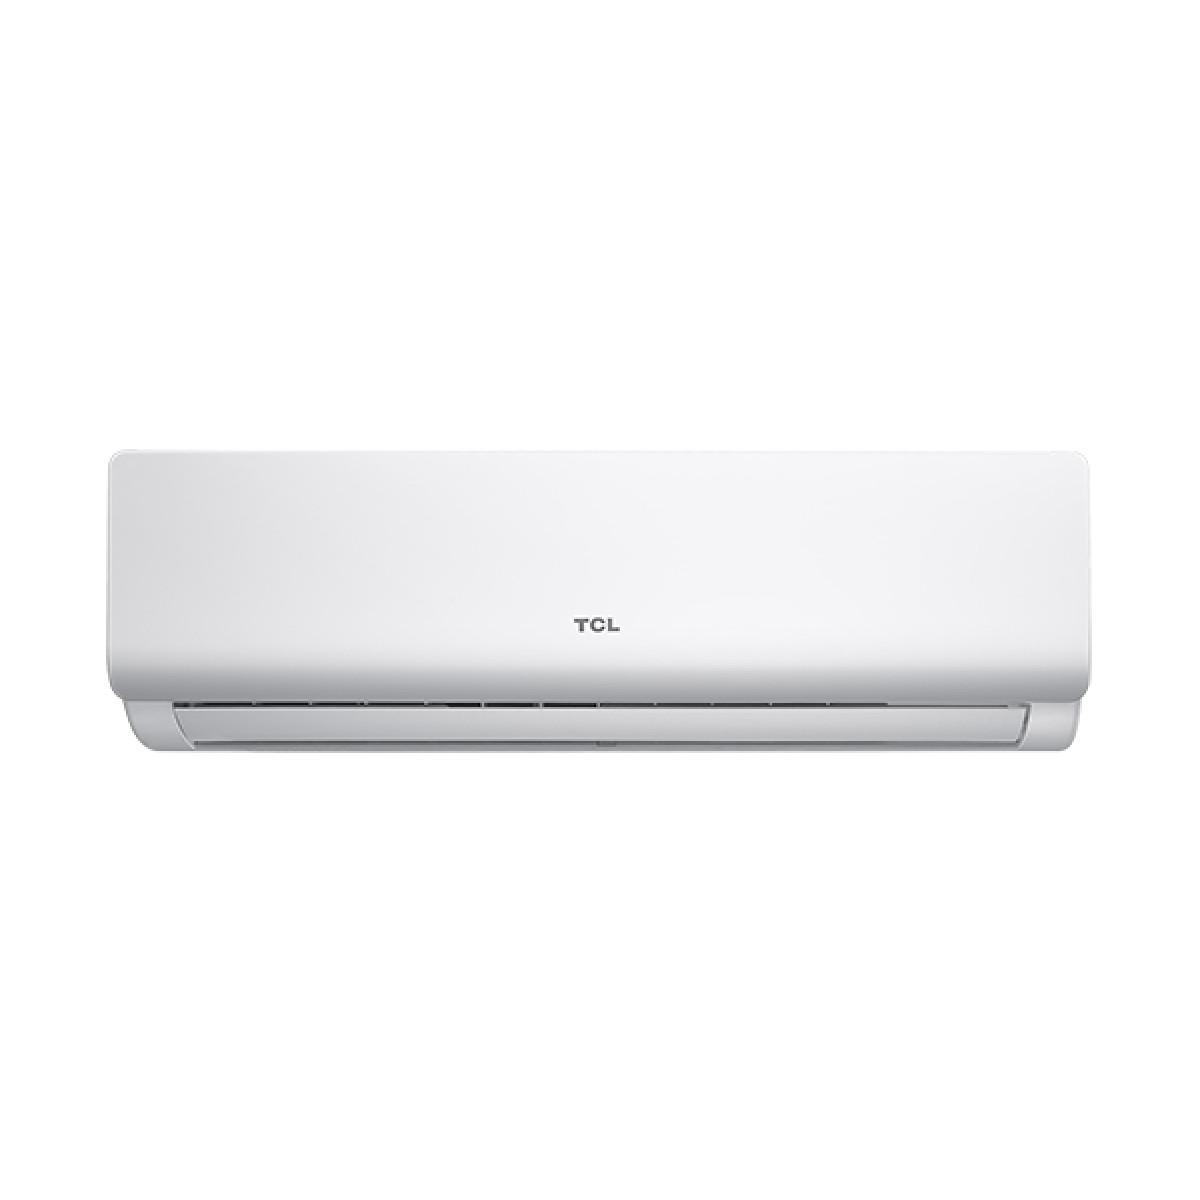 Máy lạnh TCL 2.5 HP - 24.000 BTU TAC-N24CS/XA21 (Trắng) công nghệ Turbo - Hàng phân phối chính hãng